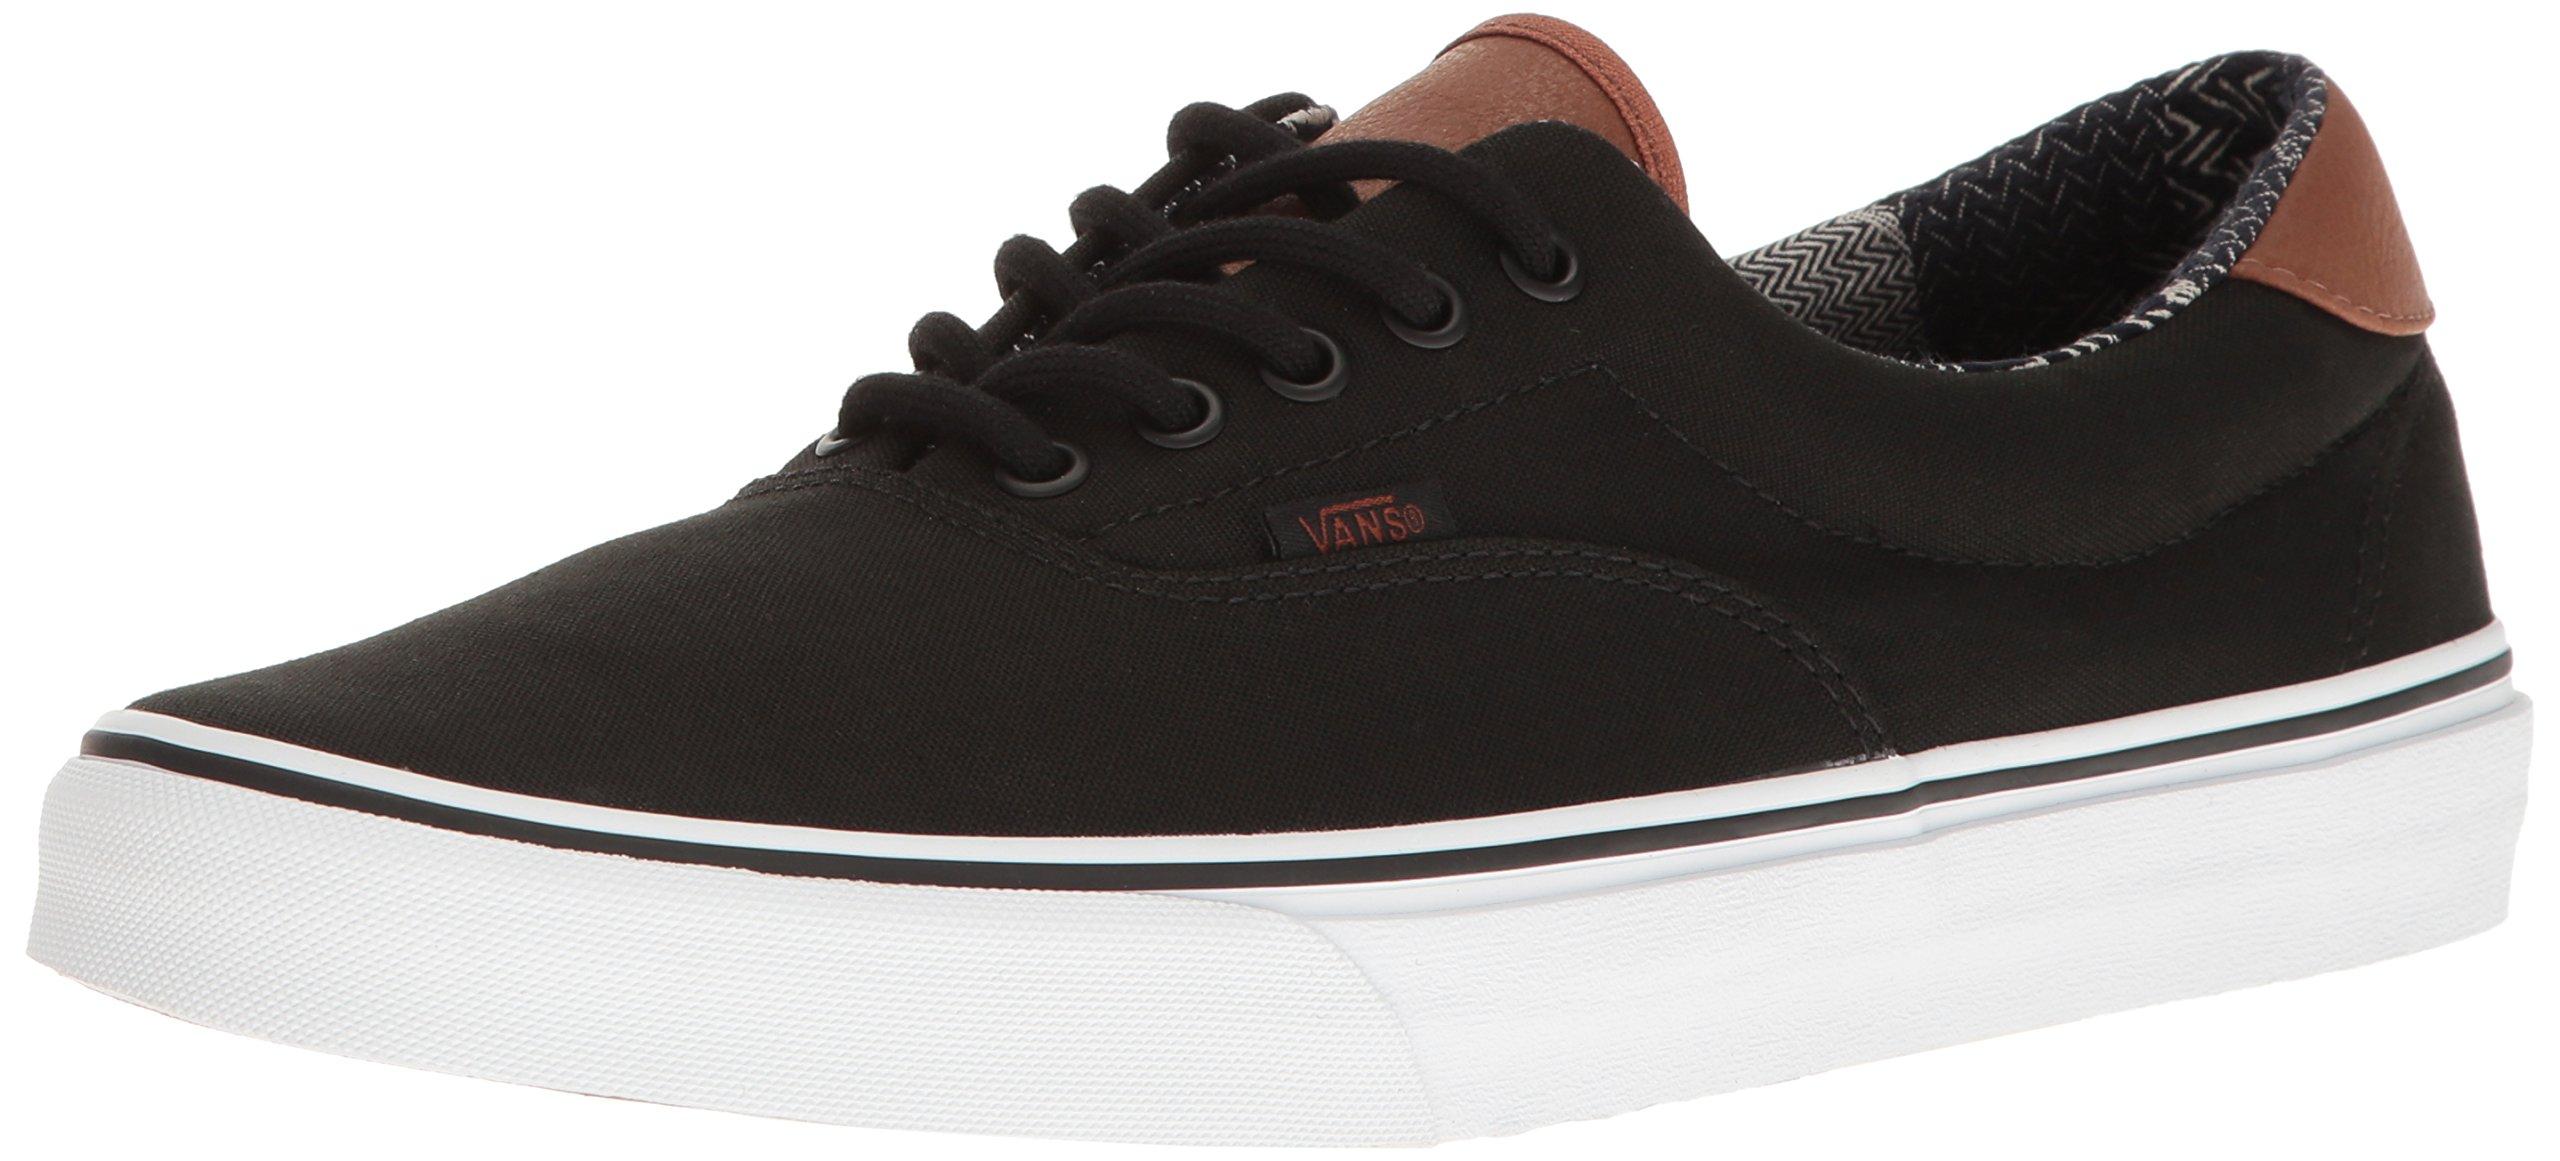 eac4f0e6cc Galleon - Vans Unisex Era 59 (C L) Blac Black Material Mix Skate Shoe 10.5  Men US 12 Women US